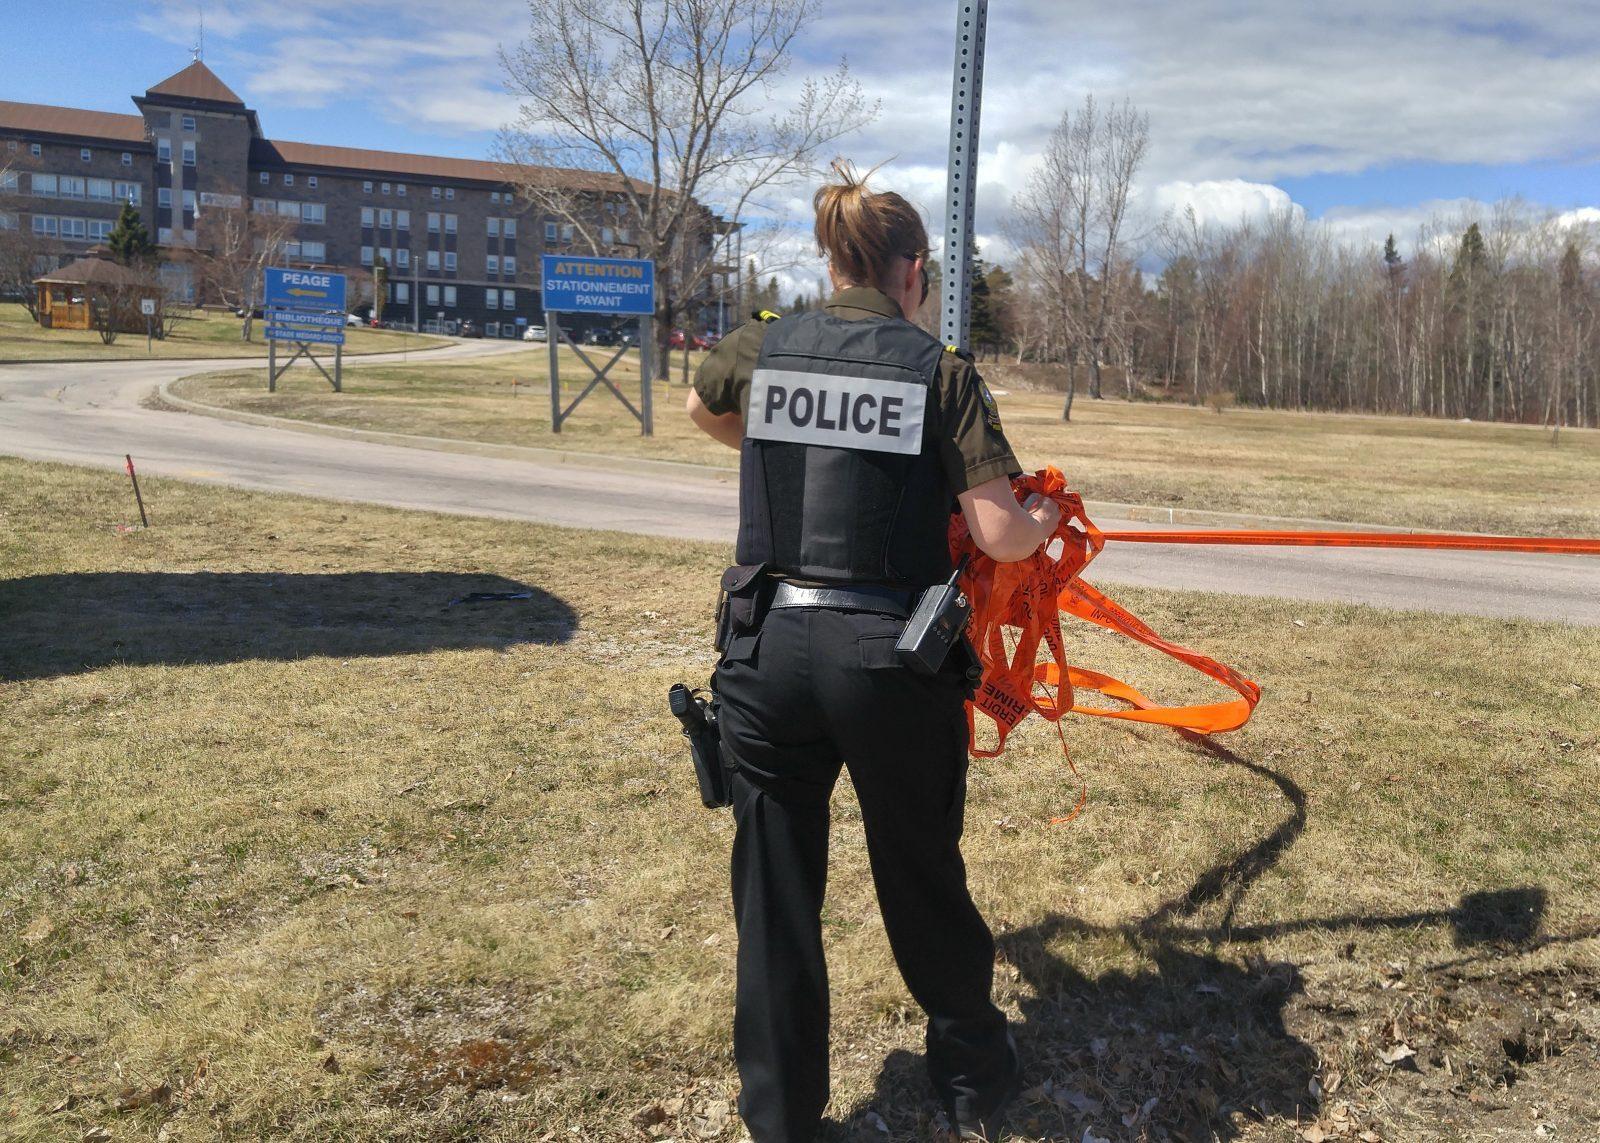 Propos menaçants : l'opération policière se termine au cégep